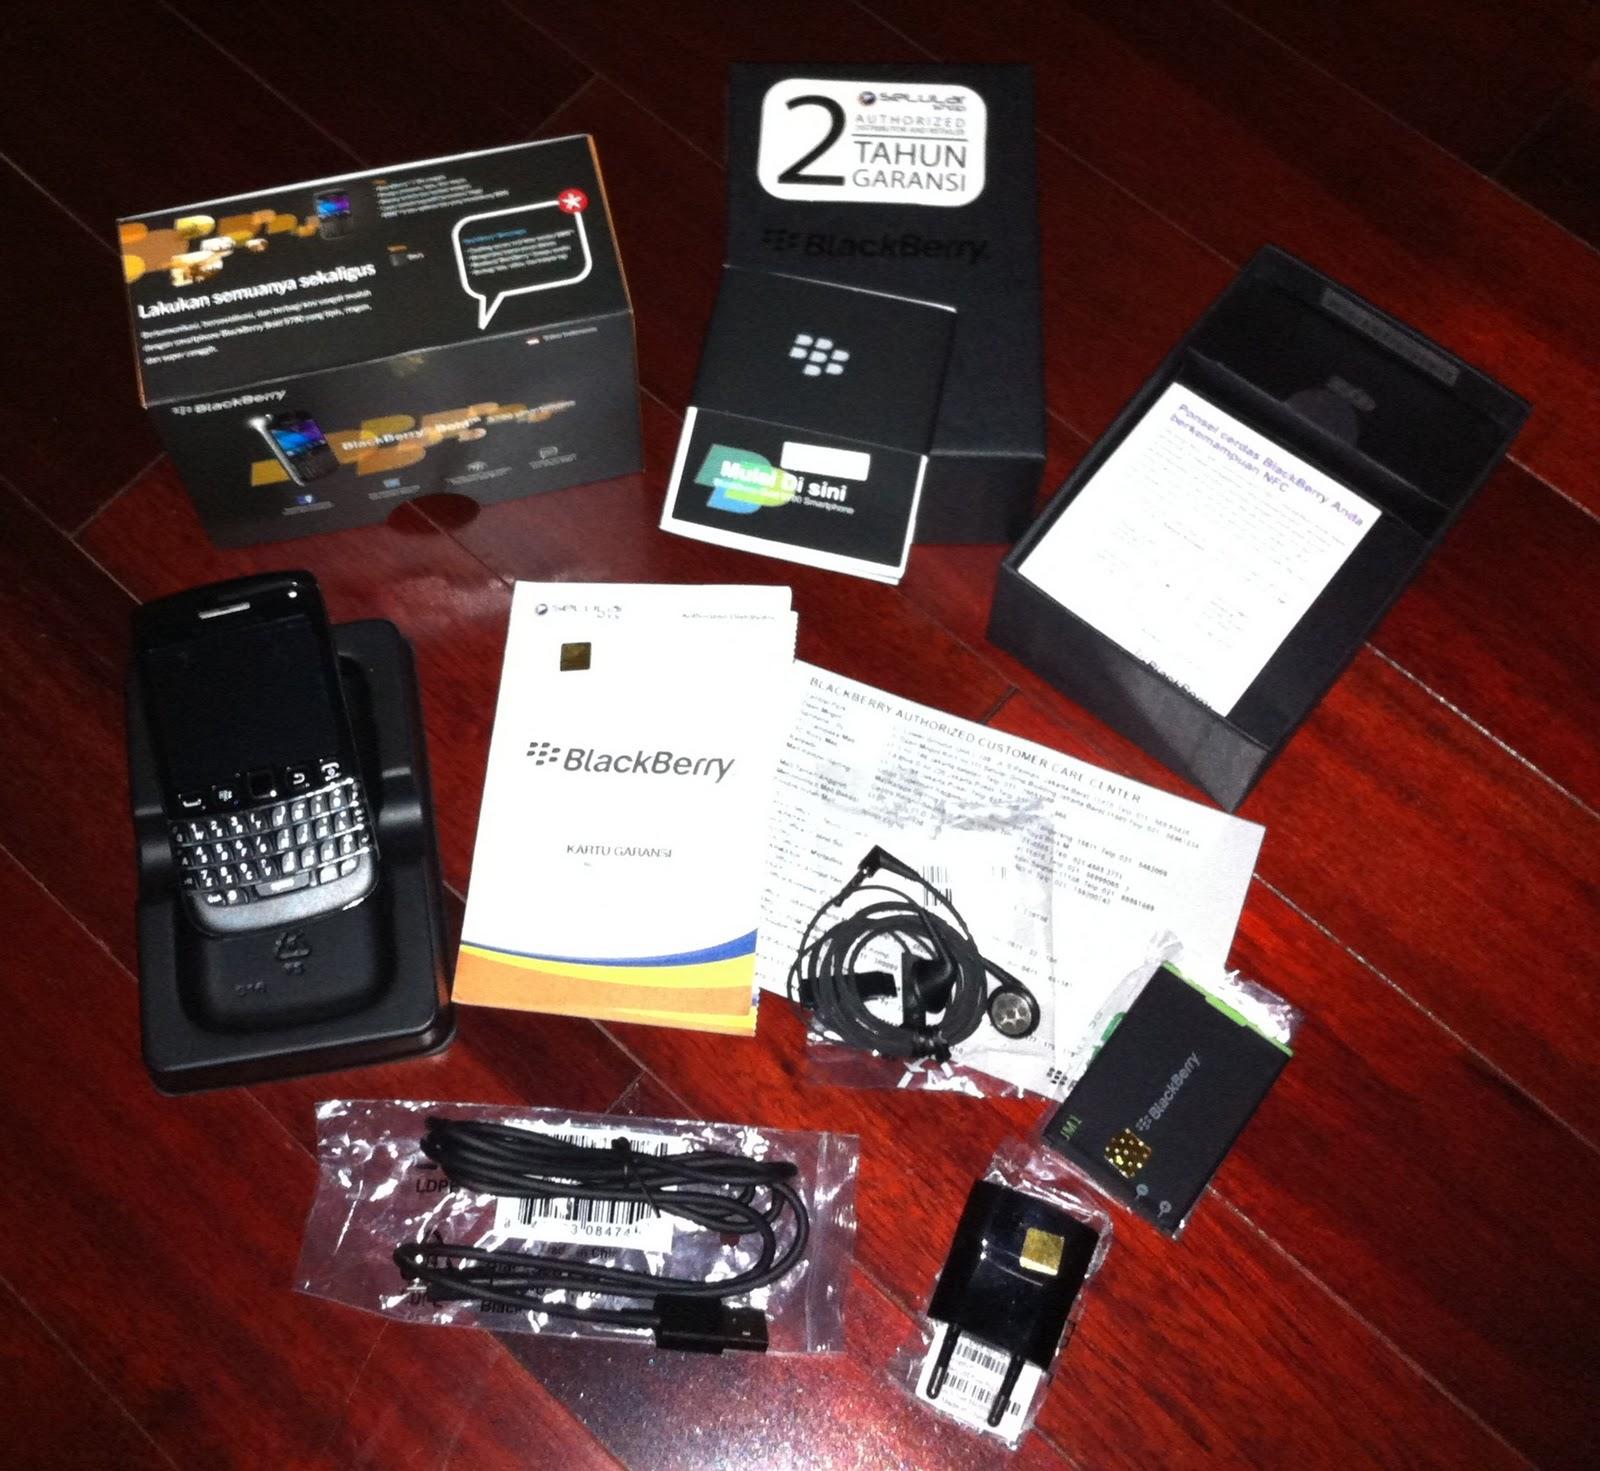 Experience Bellagio Anandita Danaatmadja Blackberry 9790 Belagio Garansi Distributor 1 Tahun Akhirnya Hari Ini Bisa Menghadiahkan Bold Smartphone Aka Yang Di Beli Sellular Shop Pondok Indah Mall